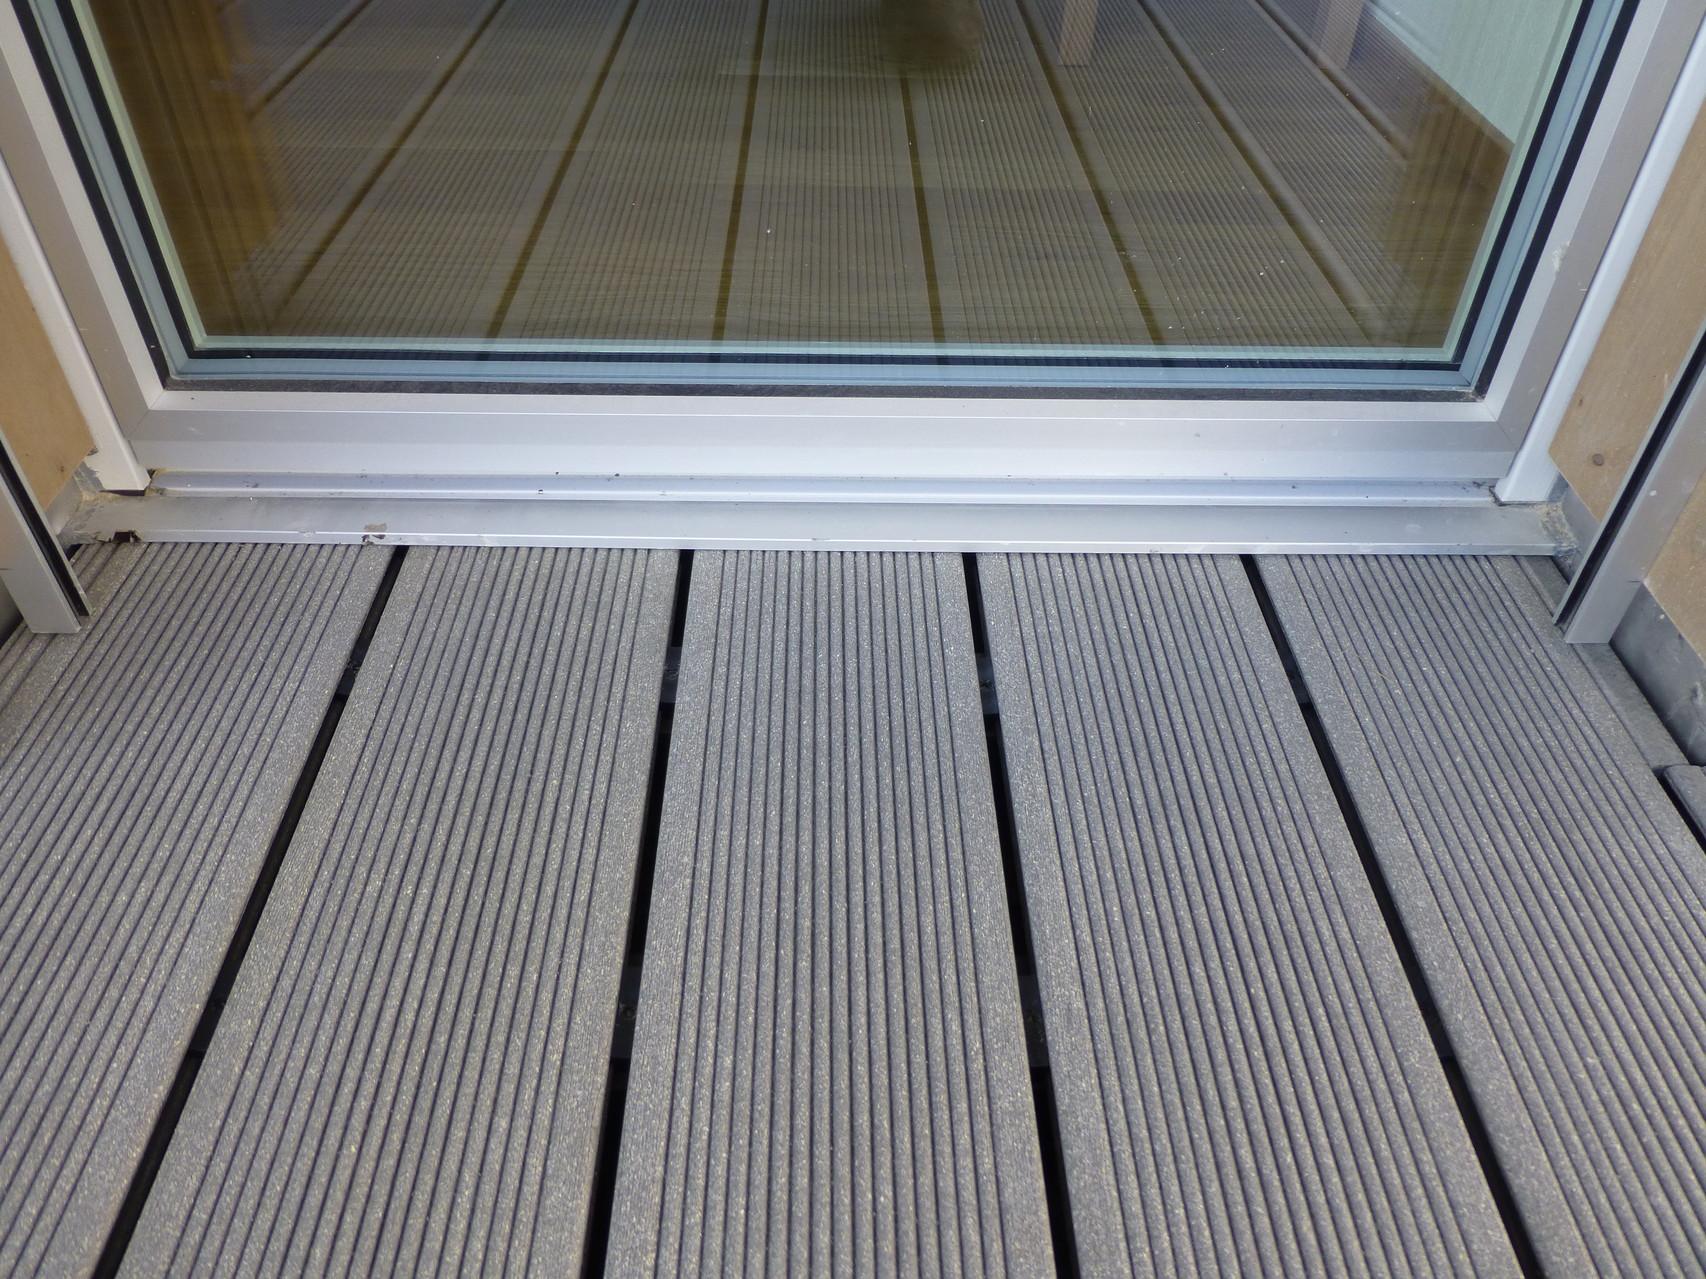 Terassenboden, Fensteranschluss